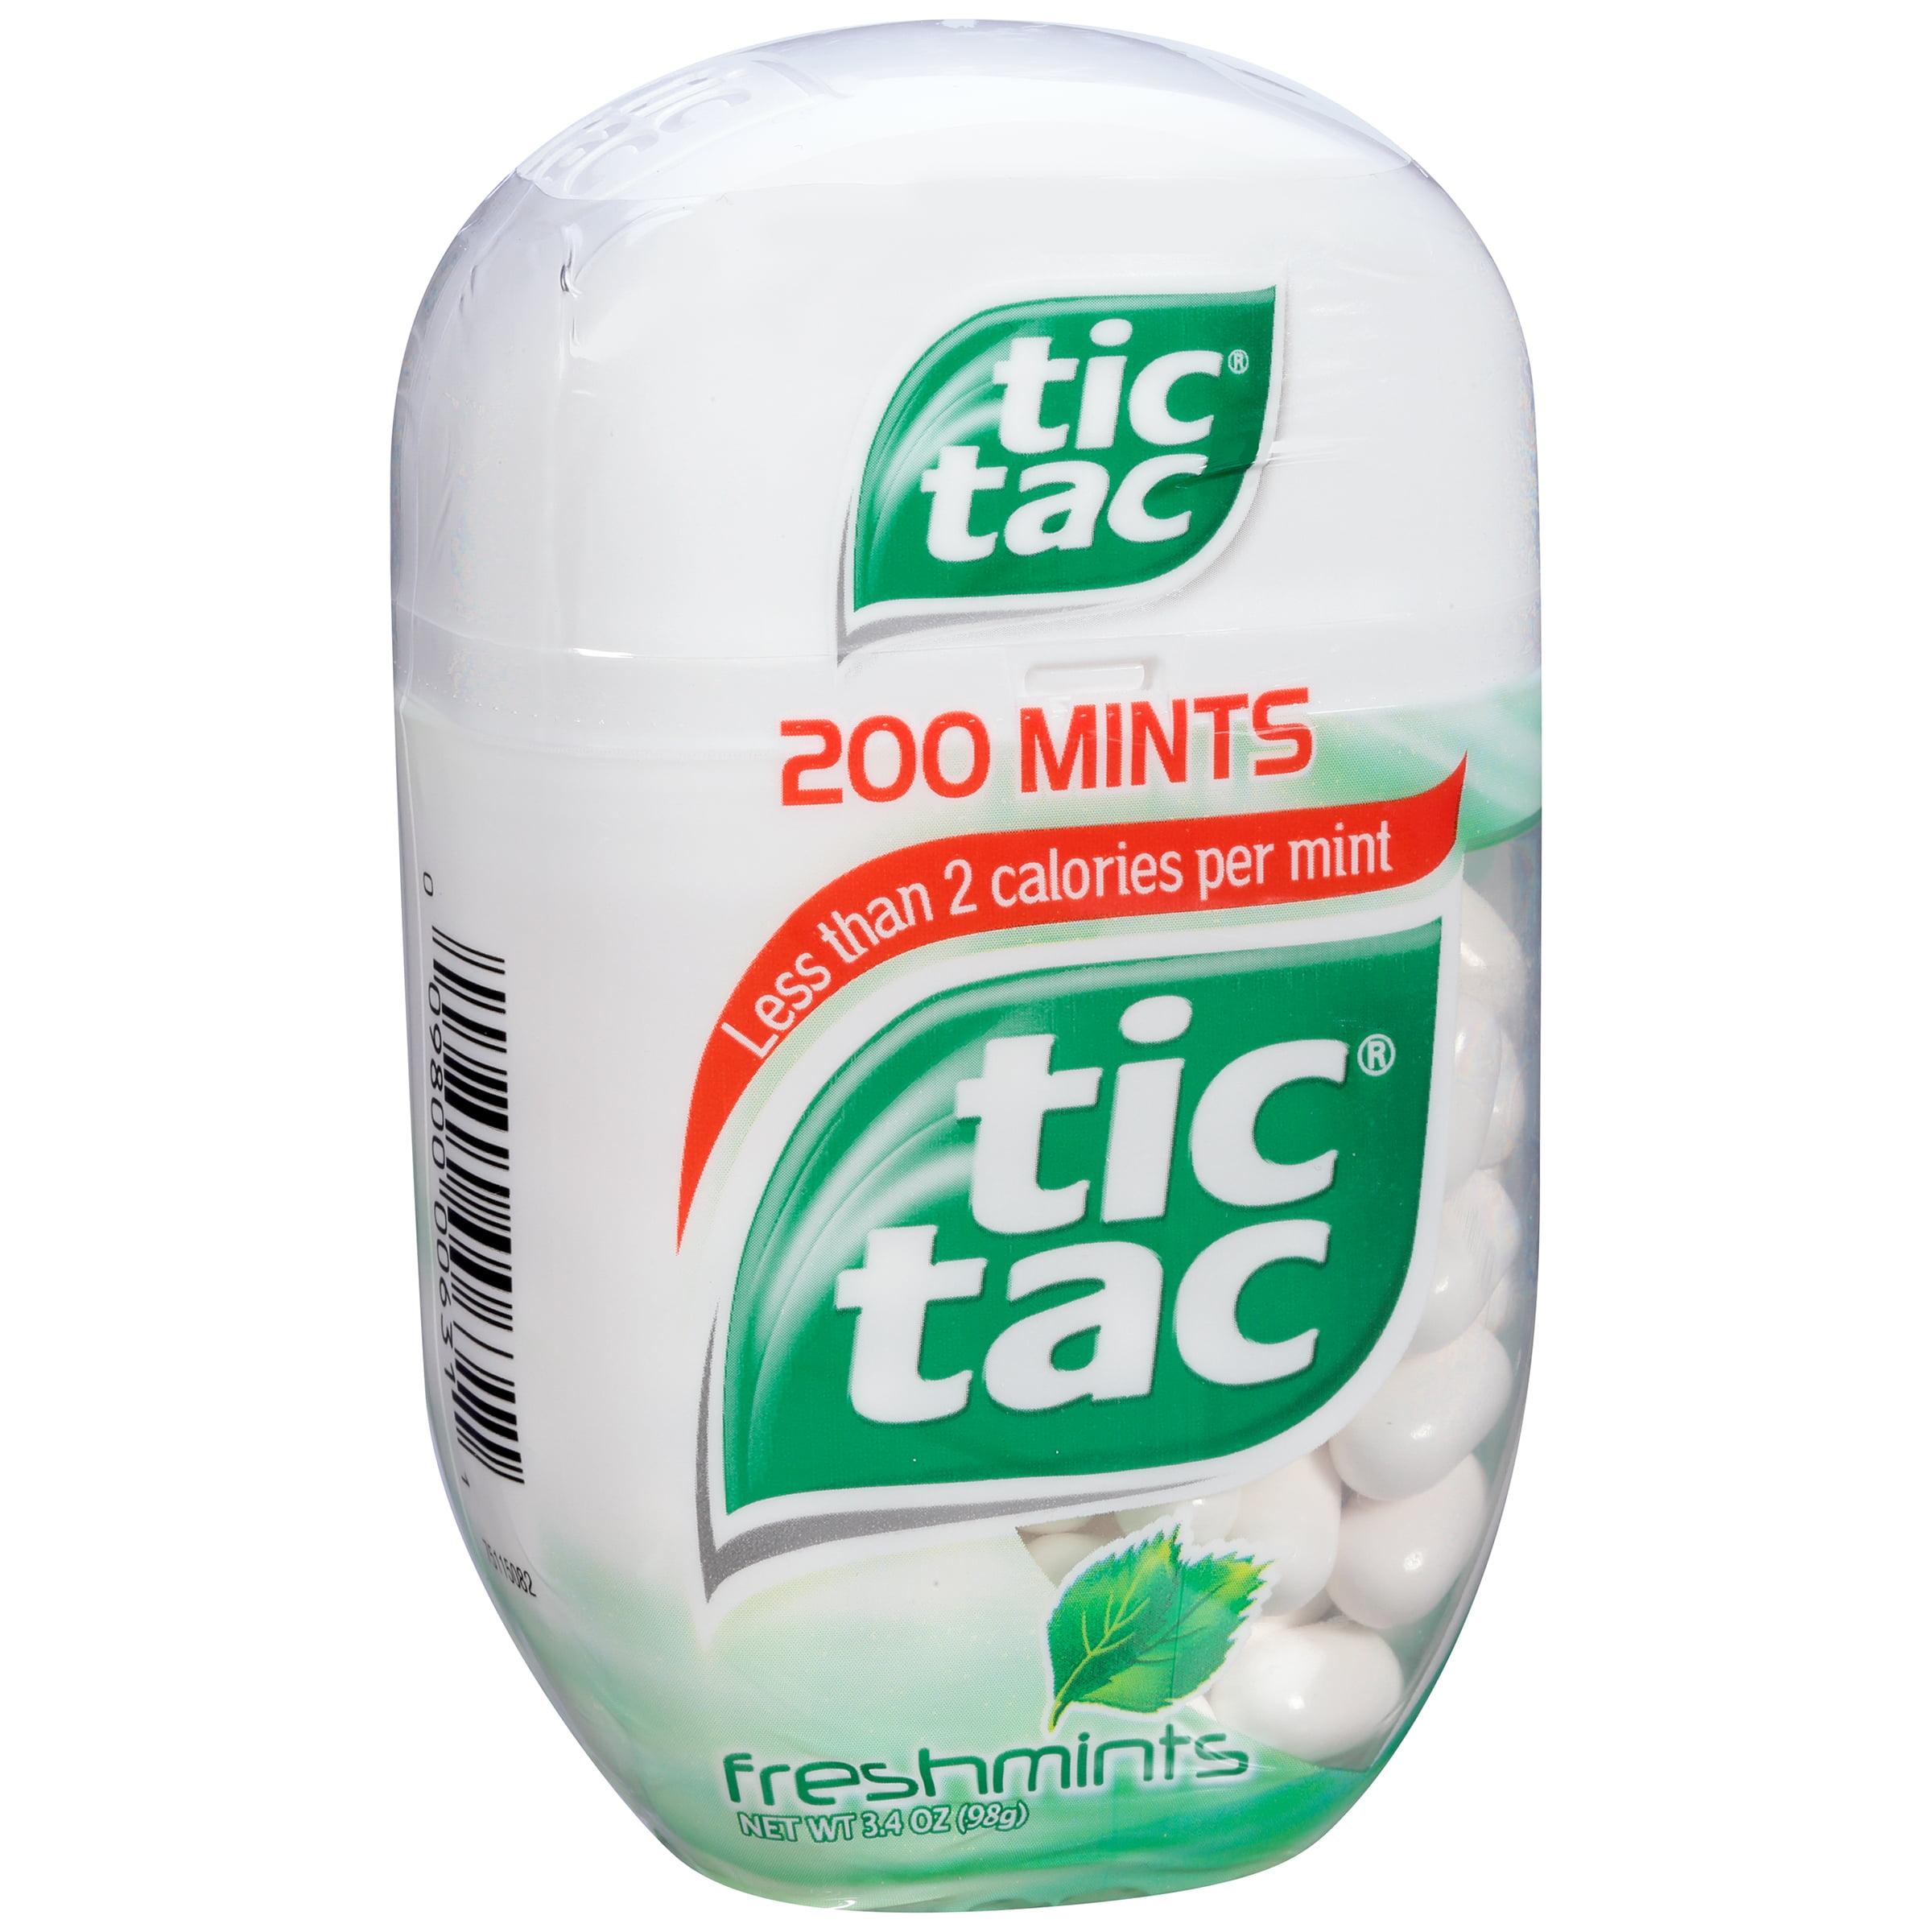 Freshmints Tic Tac Mints 3.4 oz. Pack by Ferrero U.S.A. Inc.